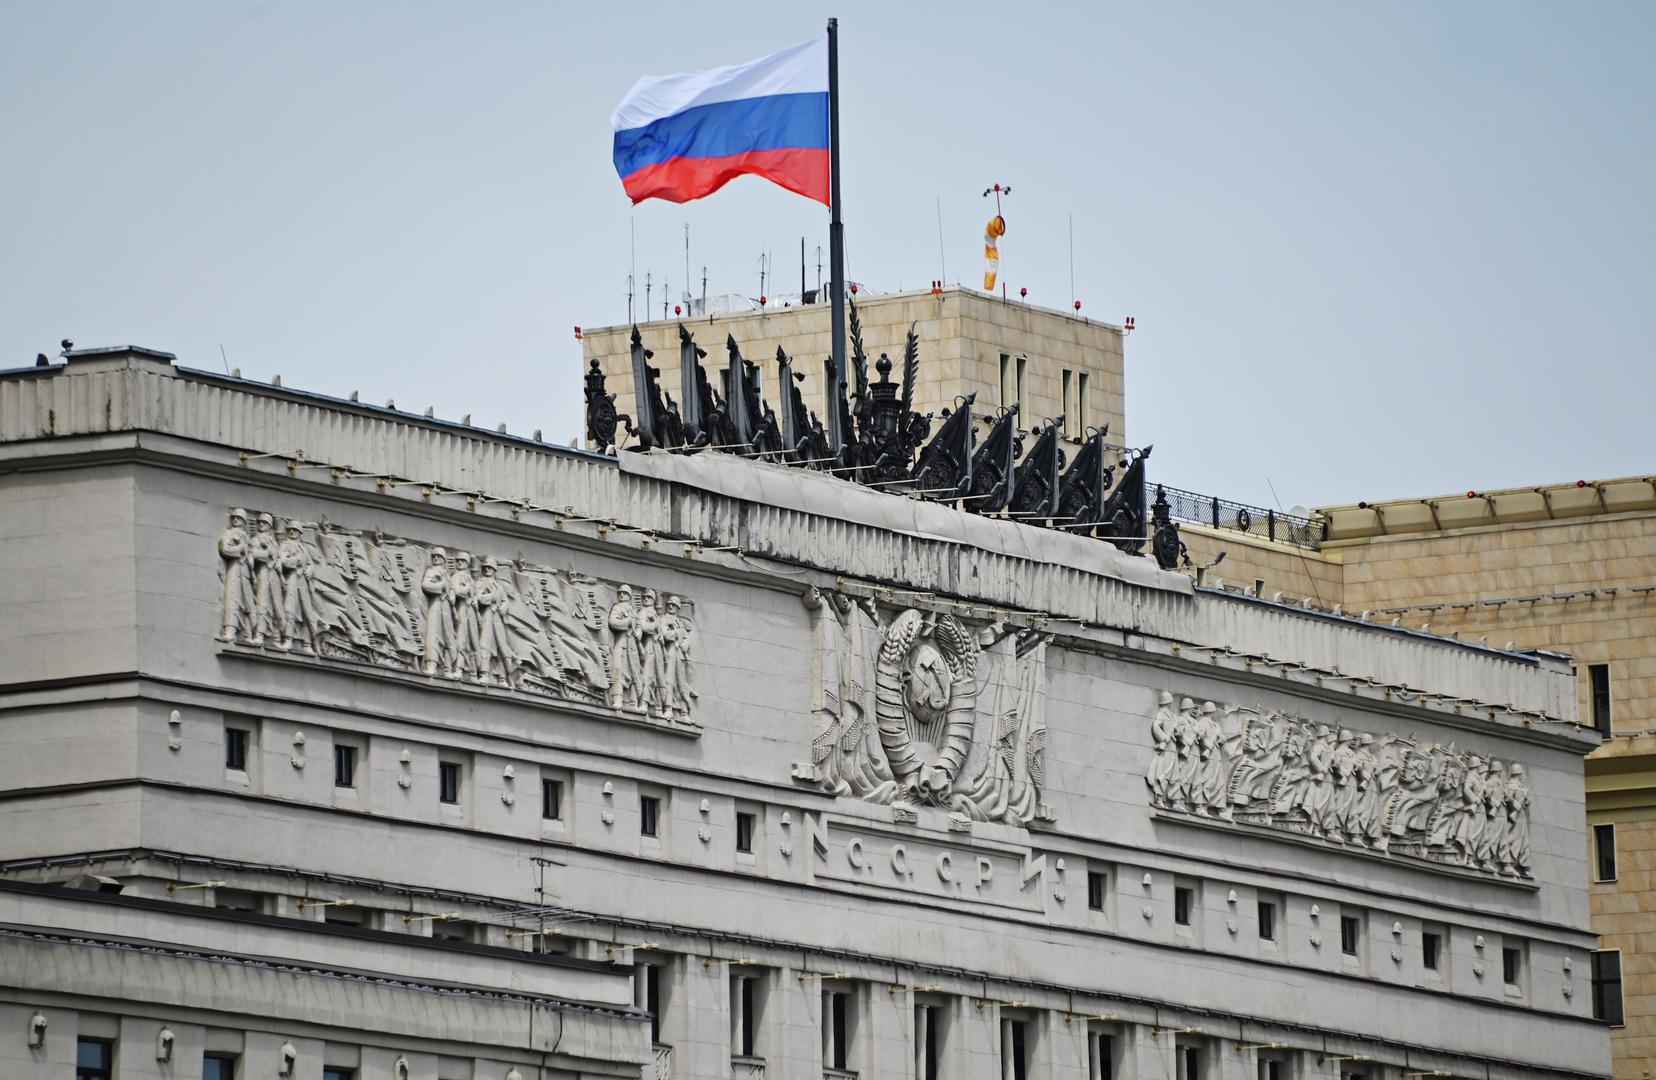 نائب وزير دفاع روسيا يبحث مع رئيس الحشد الشعبي العراقي التعاون العسكري-التقني